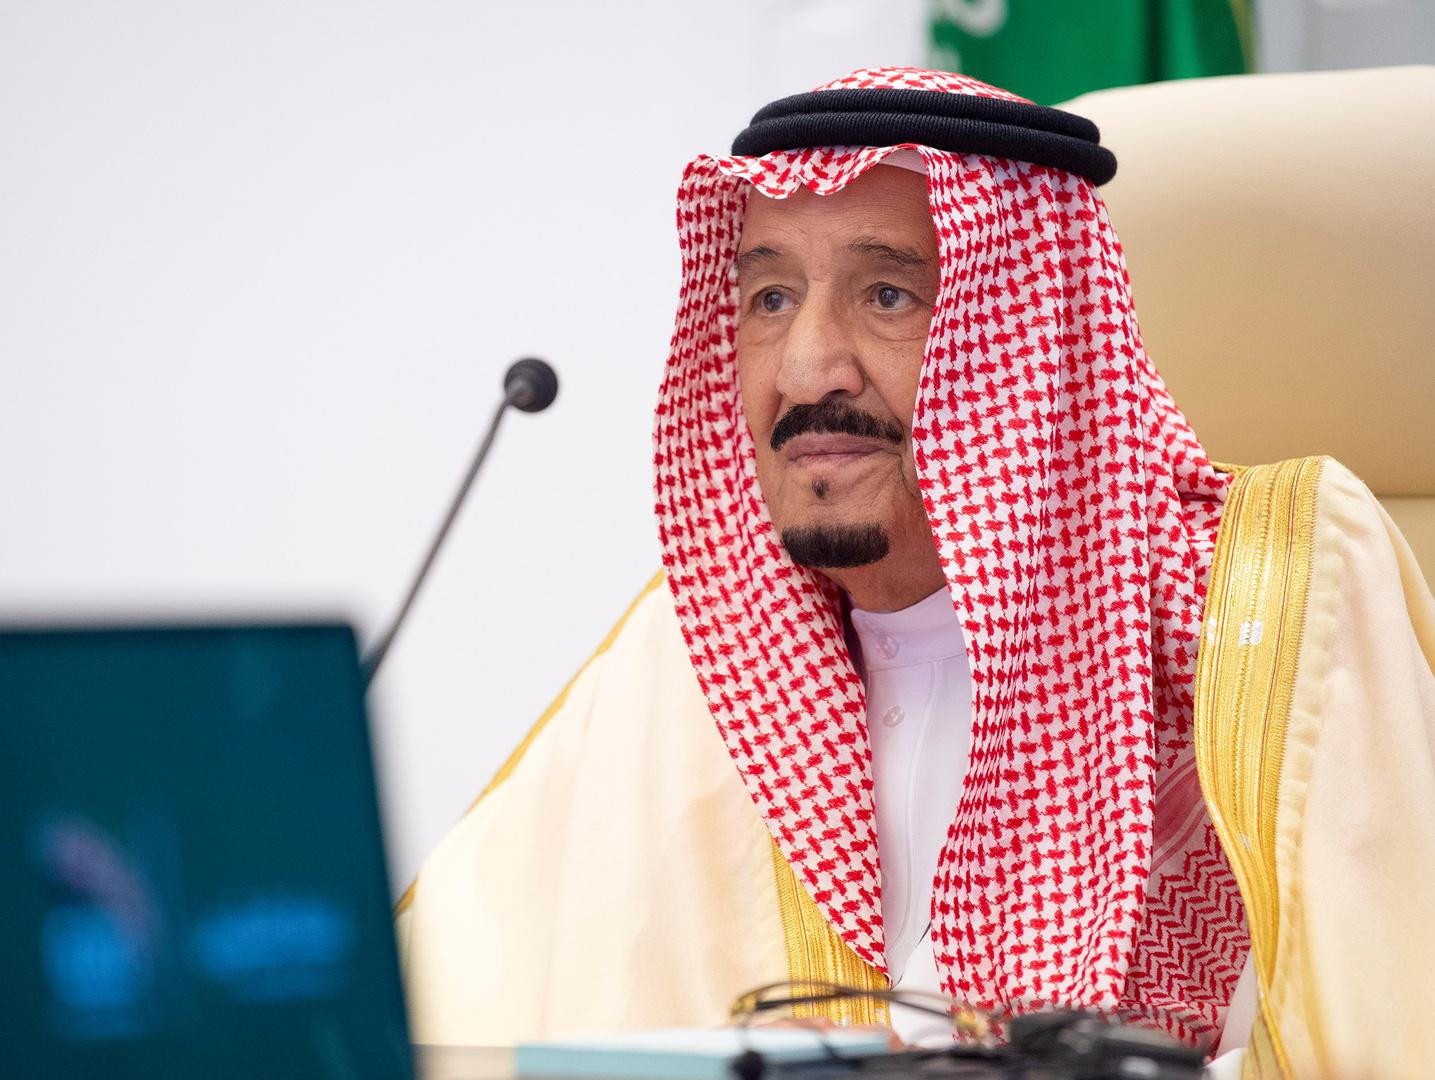 العاهل السعودي يعفي مدير الأمن العام ويحيله للتحقيق